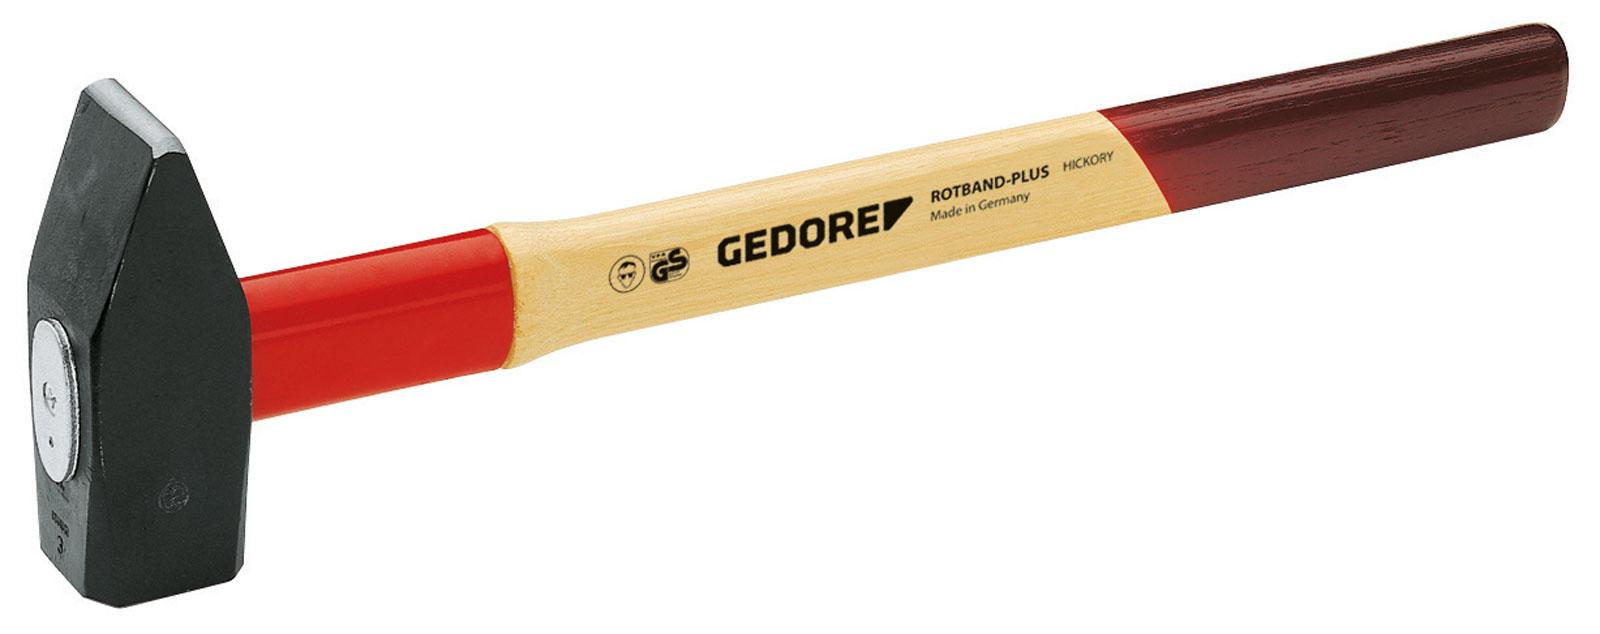 gedore 8673730 sledge hammer rotband-plus 5 kg, 900 mm 4010883867375